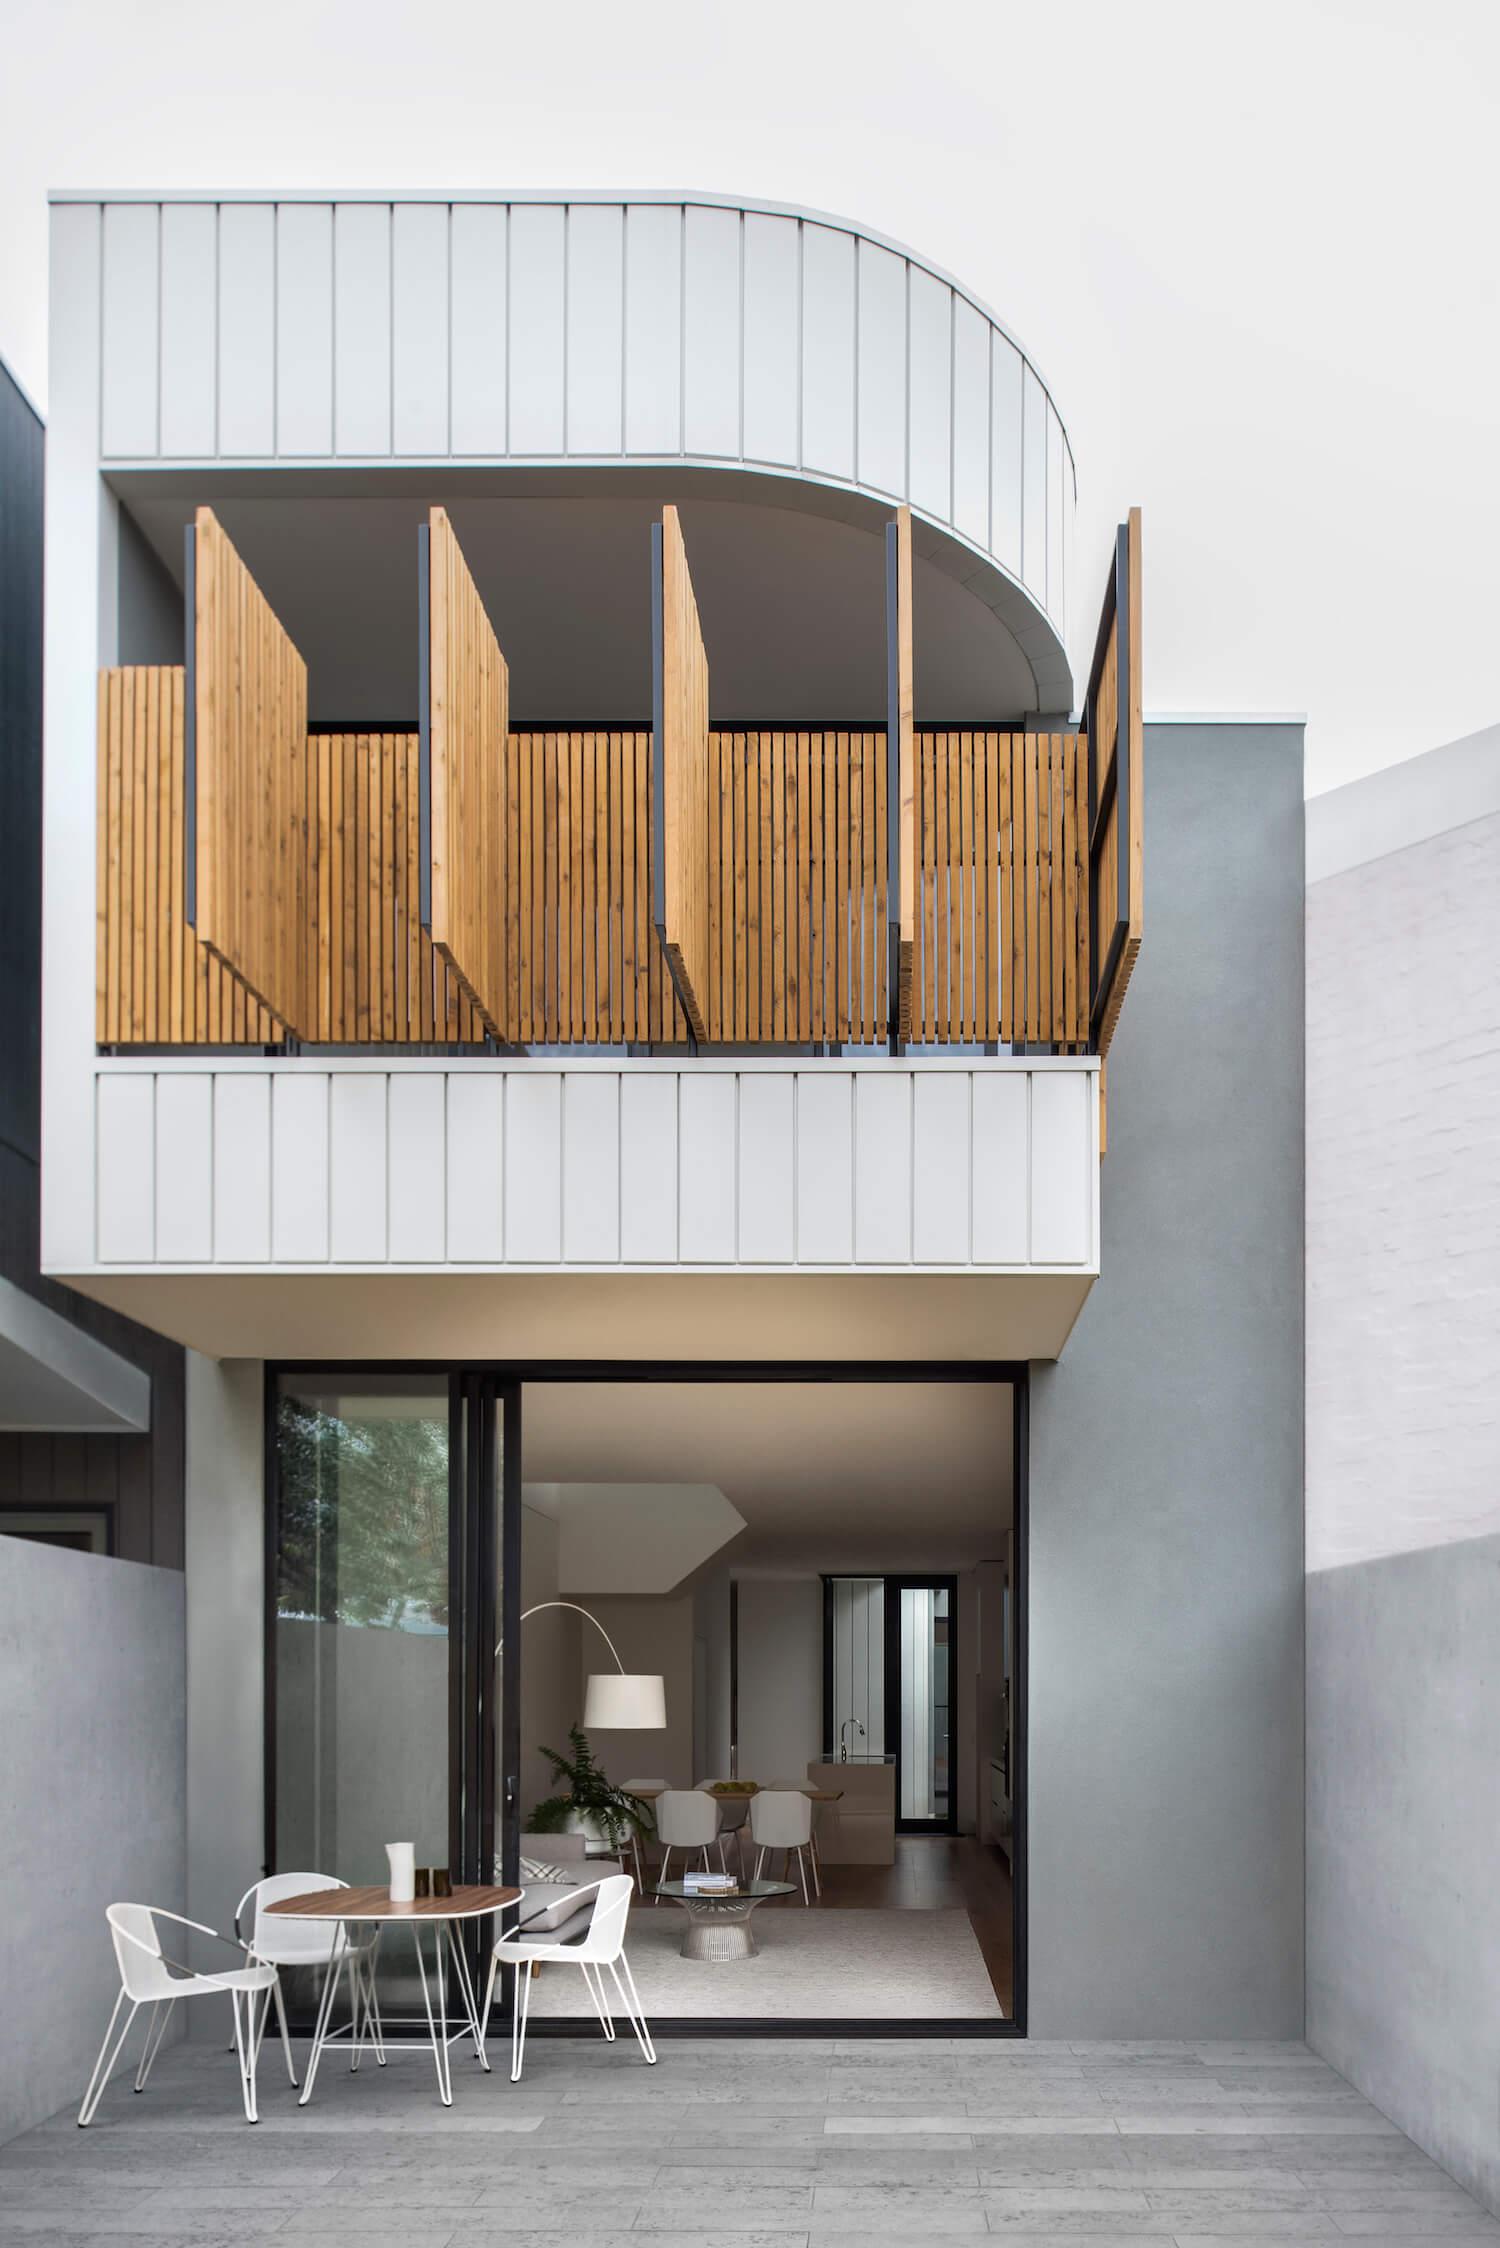 est living port melbourne home winter architecture 3